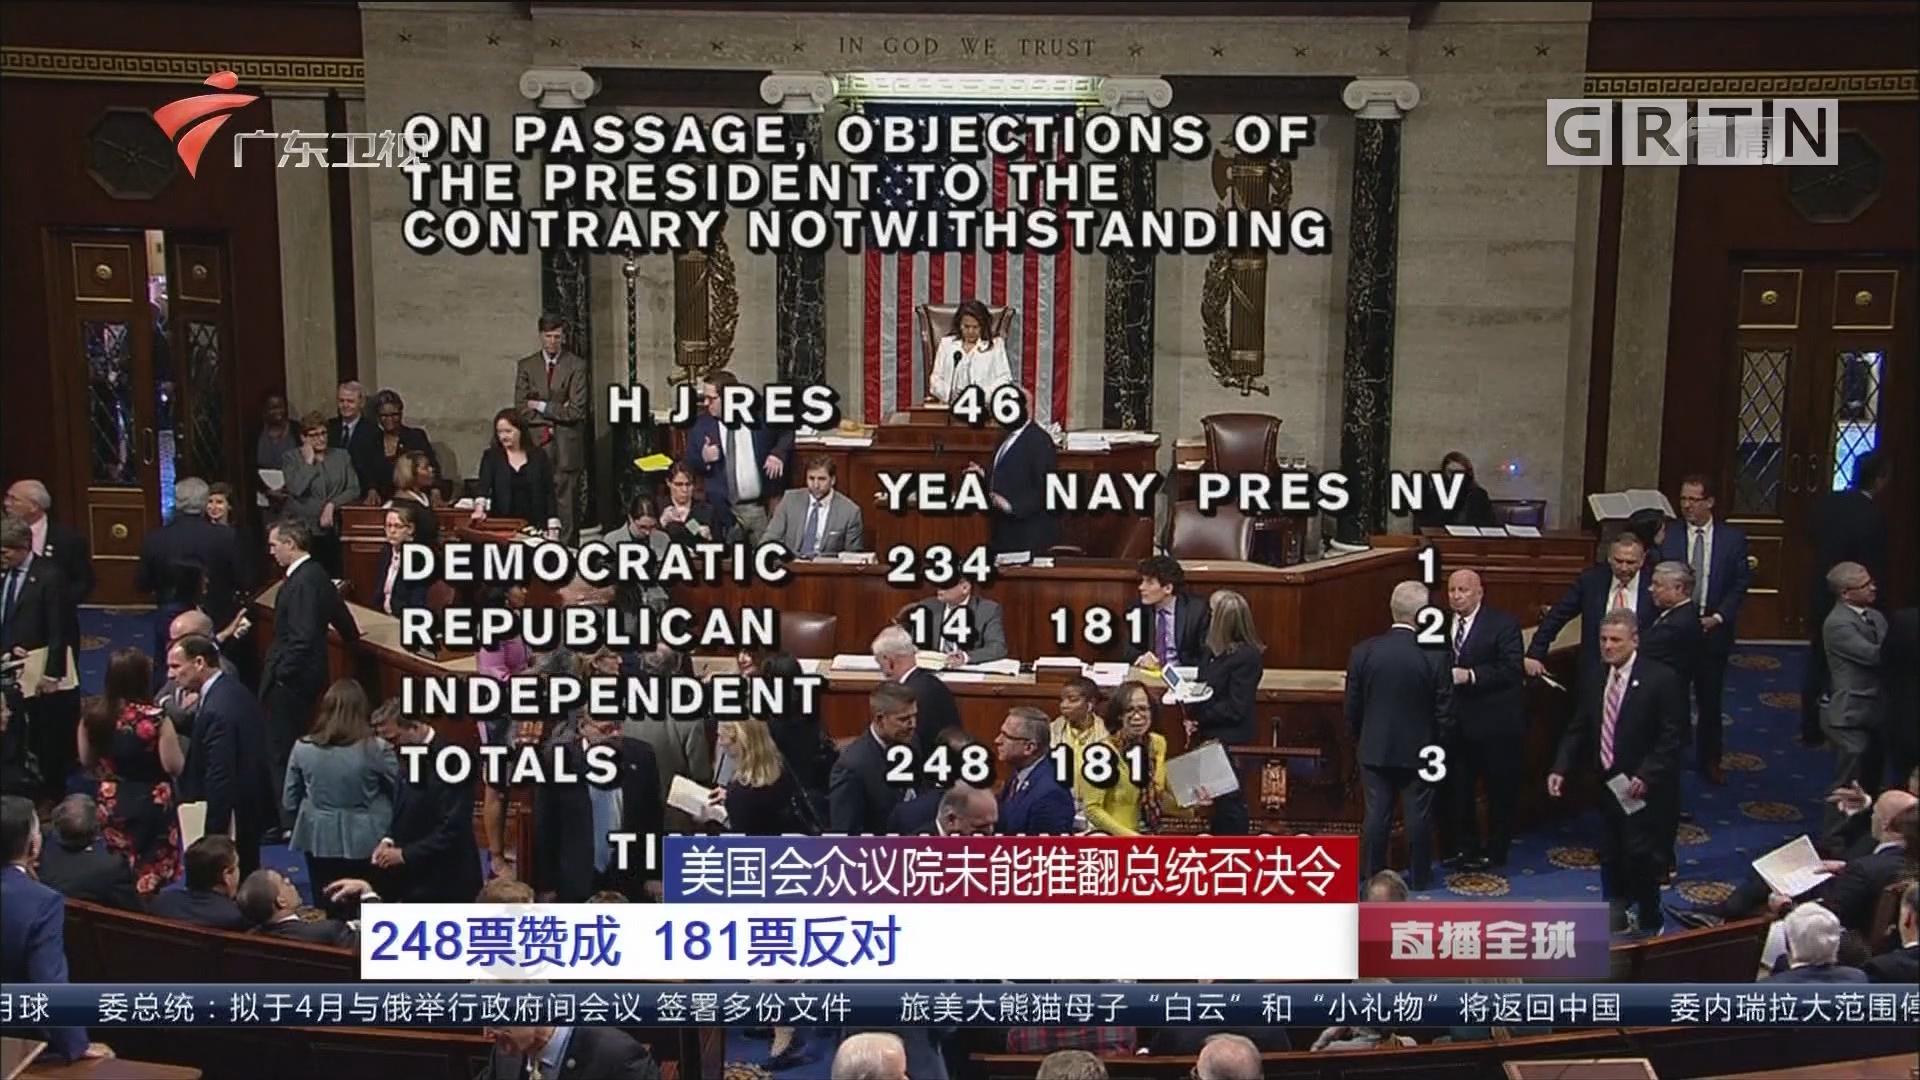 美国会众议院未能推翻总统否决令:248票赞成 181票反对